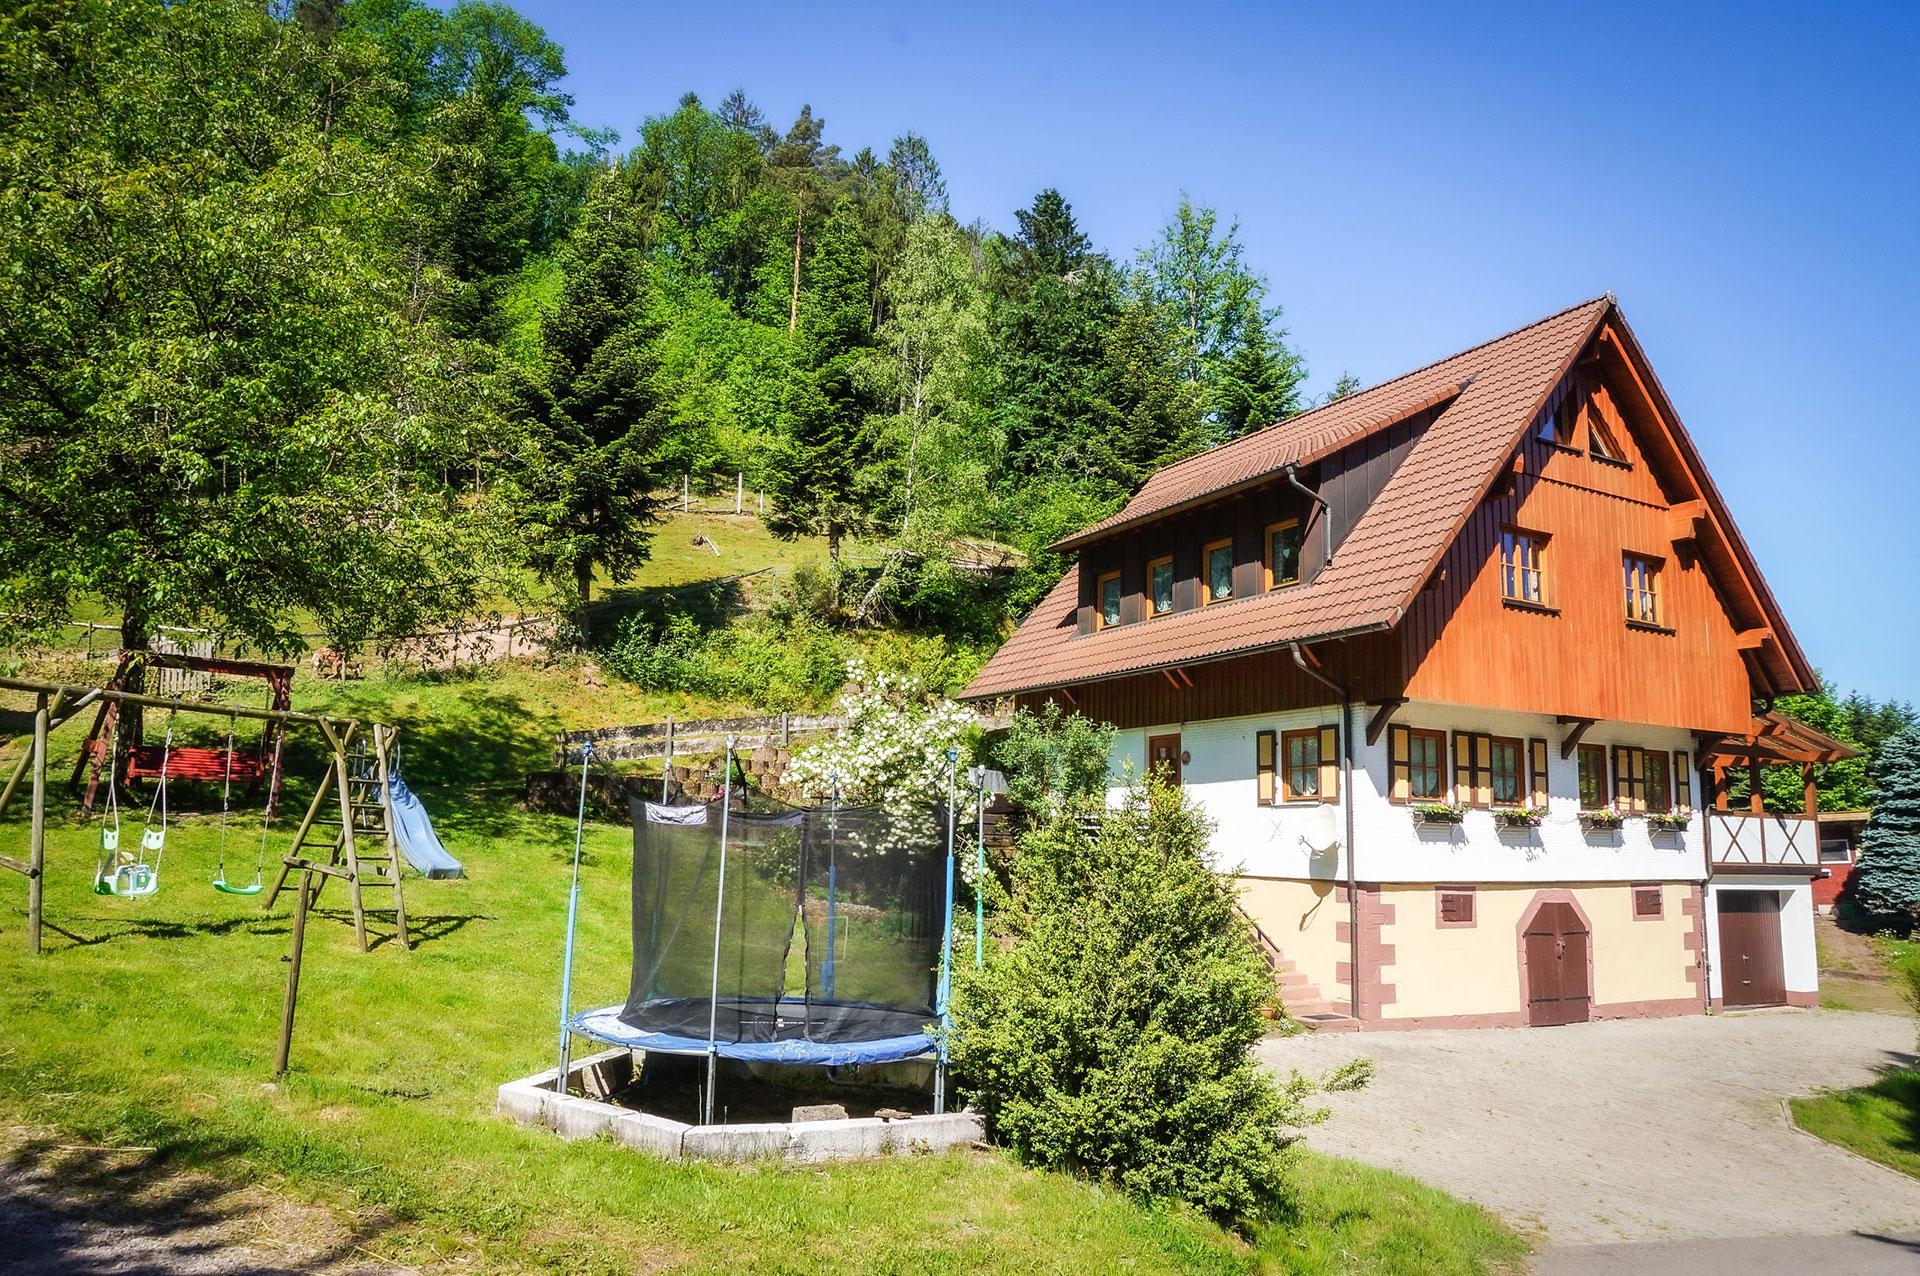 Ferienhaus Wellehof